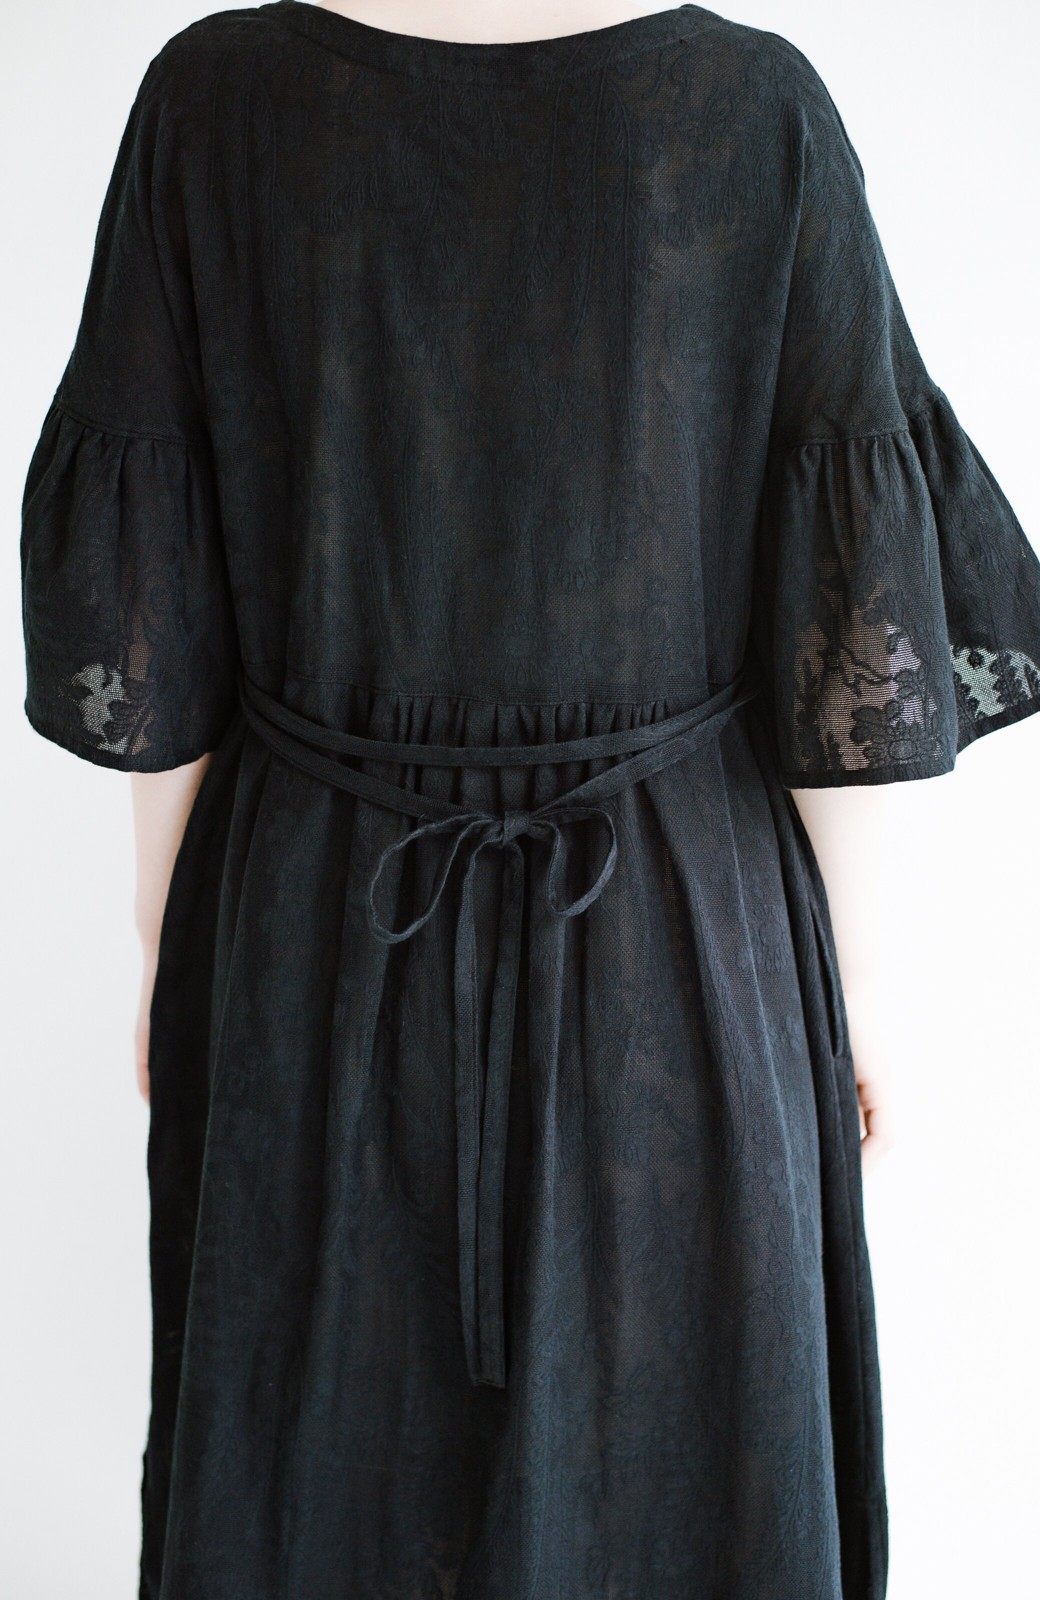 haco! 京都の浴衣屋さんと作った浴衣生地の羽織りにもなるワンピース <ブラック>の商品写真14